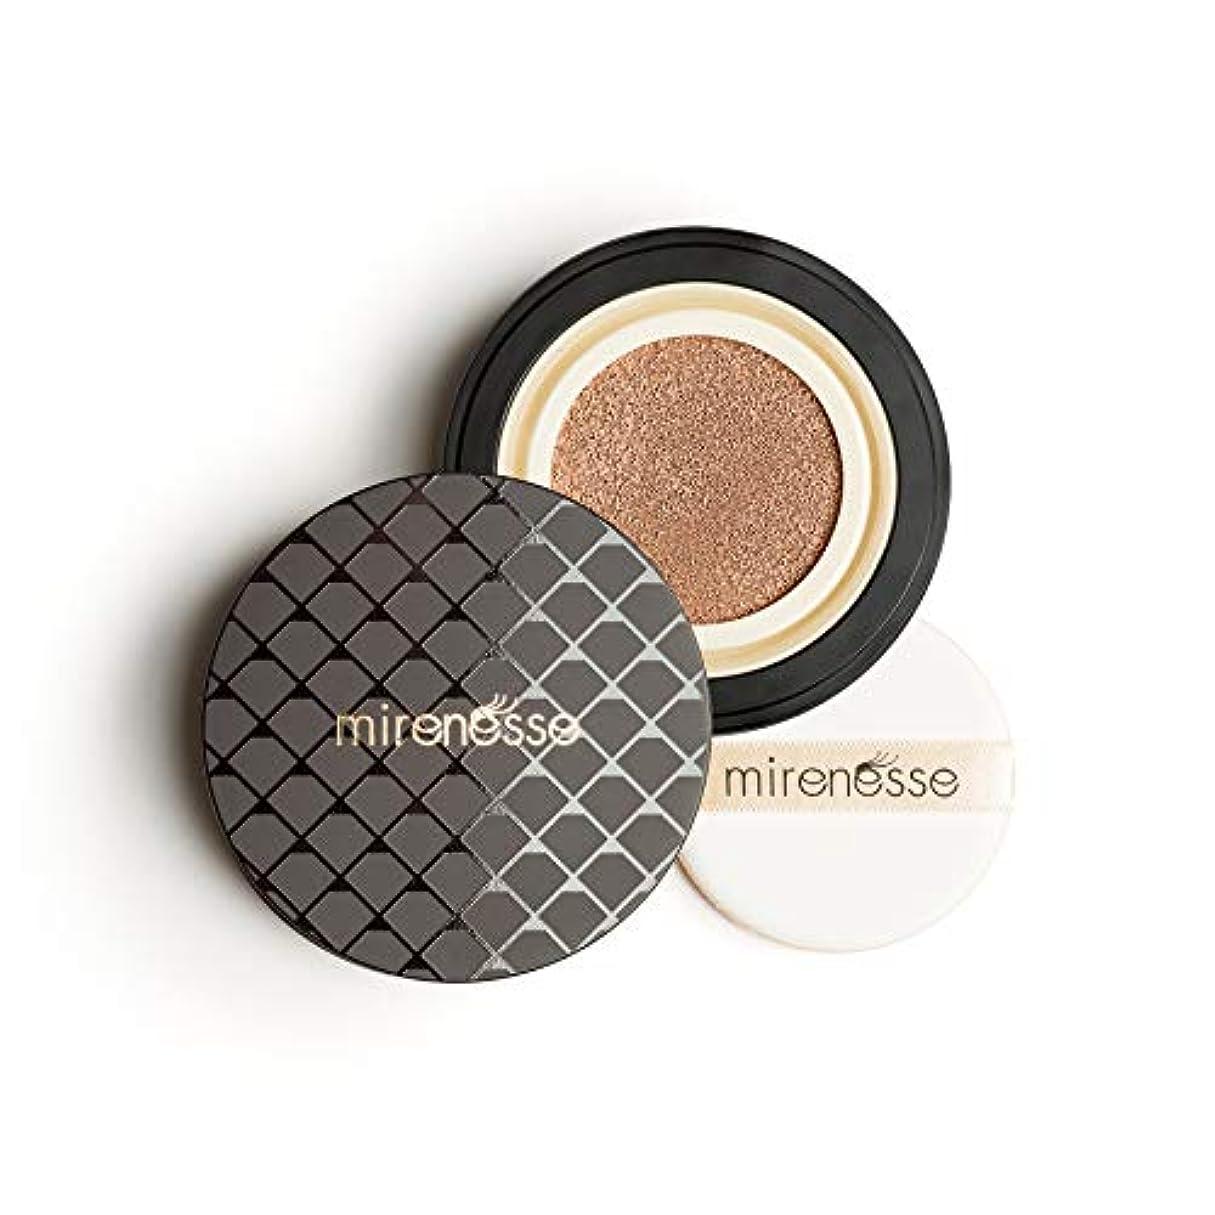 歌うゴミ箱を空にするピンMirenesse Cosmetics 10 Collagen Cushion Foundation Compact Airbrush Liquid Powder SPF25 PA++ 15g/0.52oz - Shade...